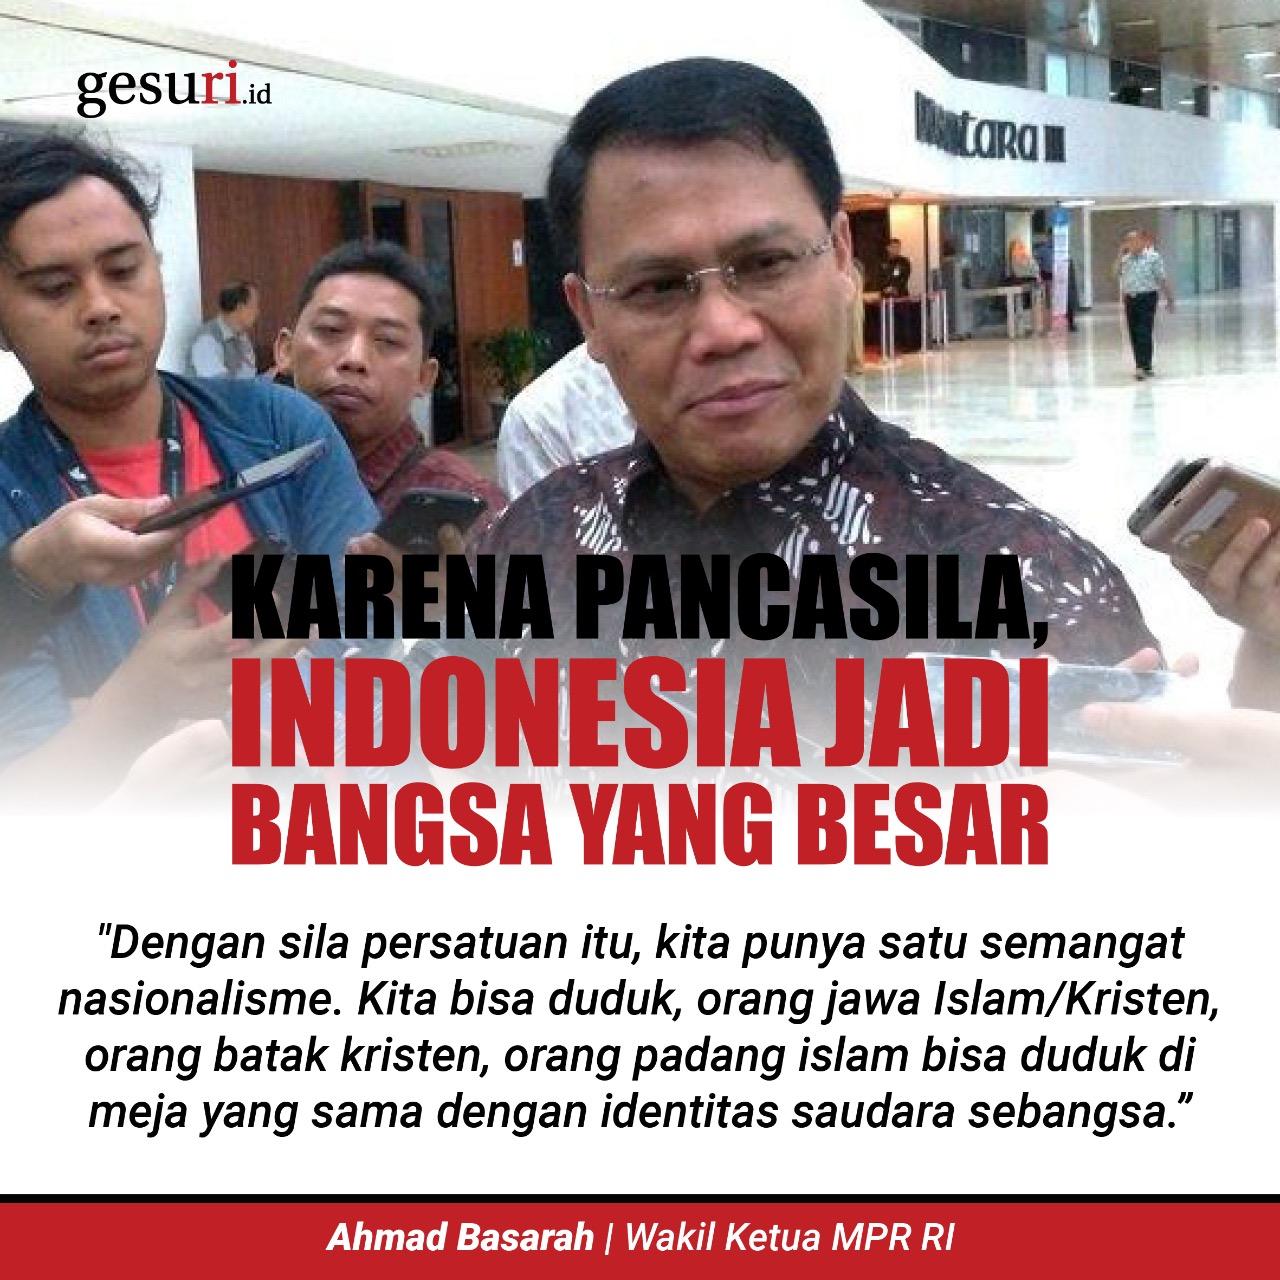 Basarah: Karena Pancasila, Indonesia Jadi Bangsa yang Besar